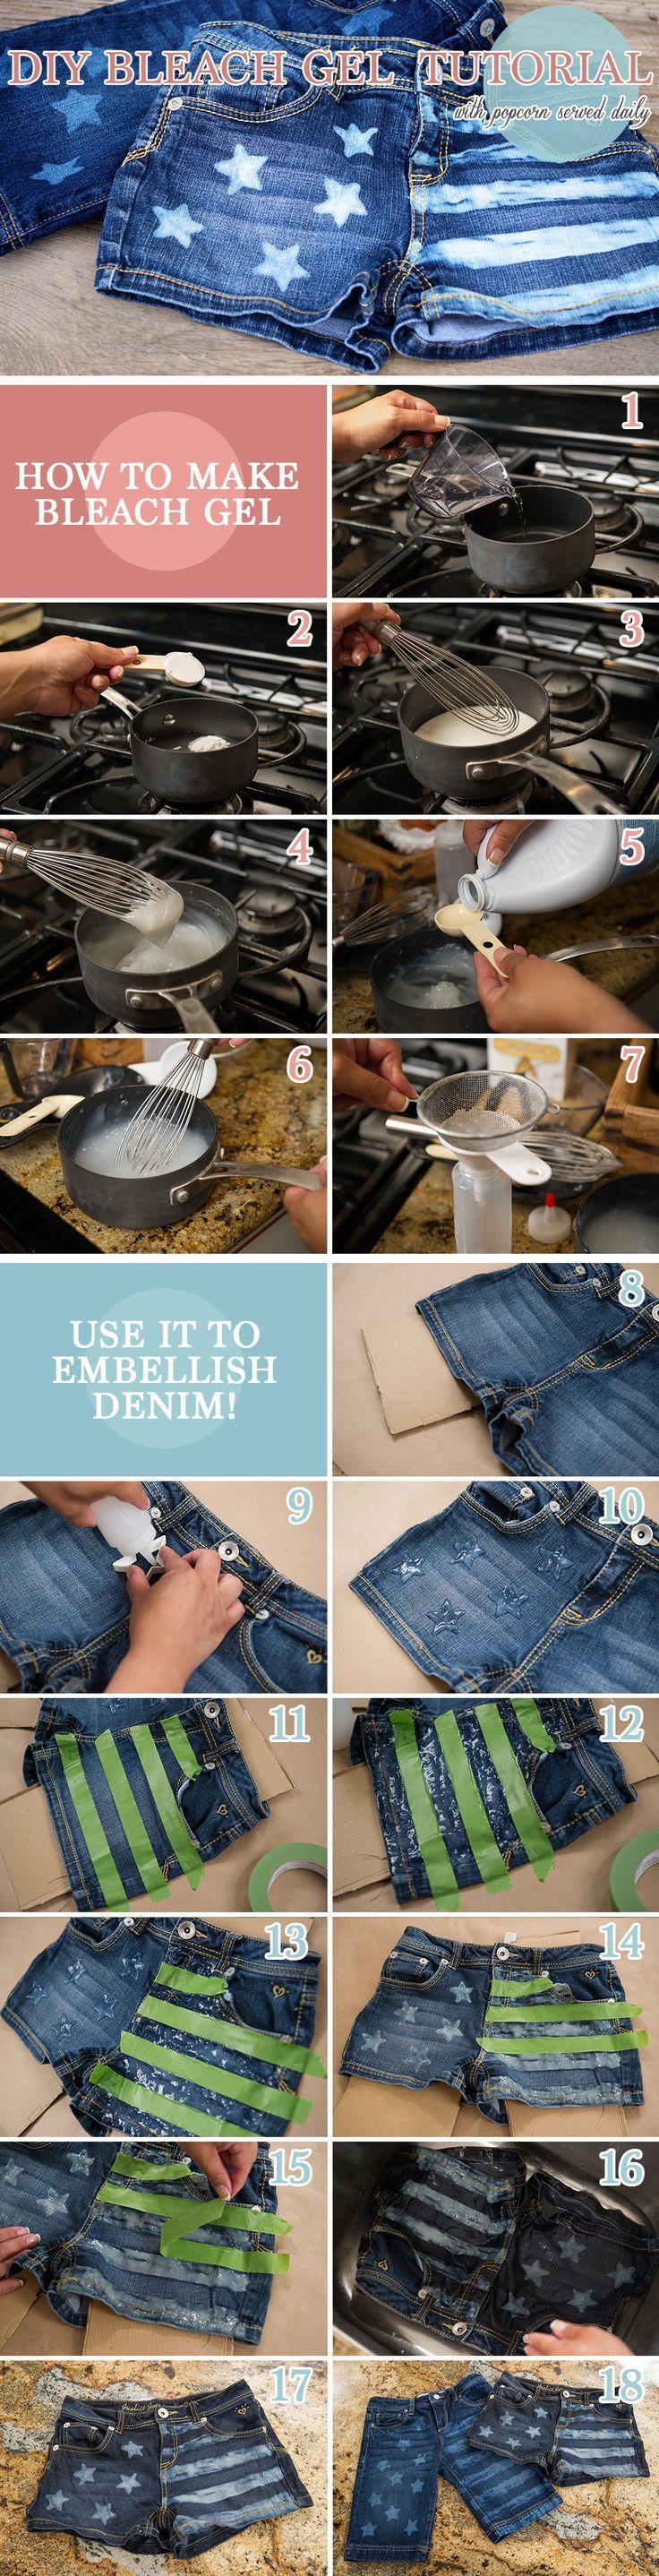 Stars And Stripes Bleach Shorts & How to make bleach gel